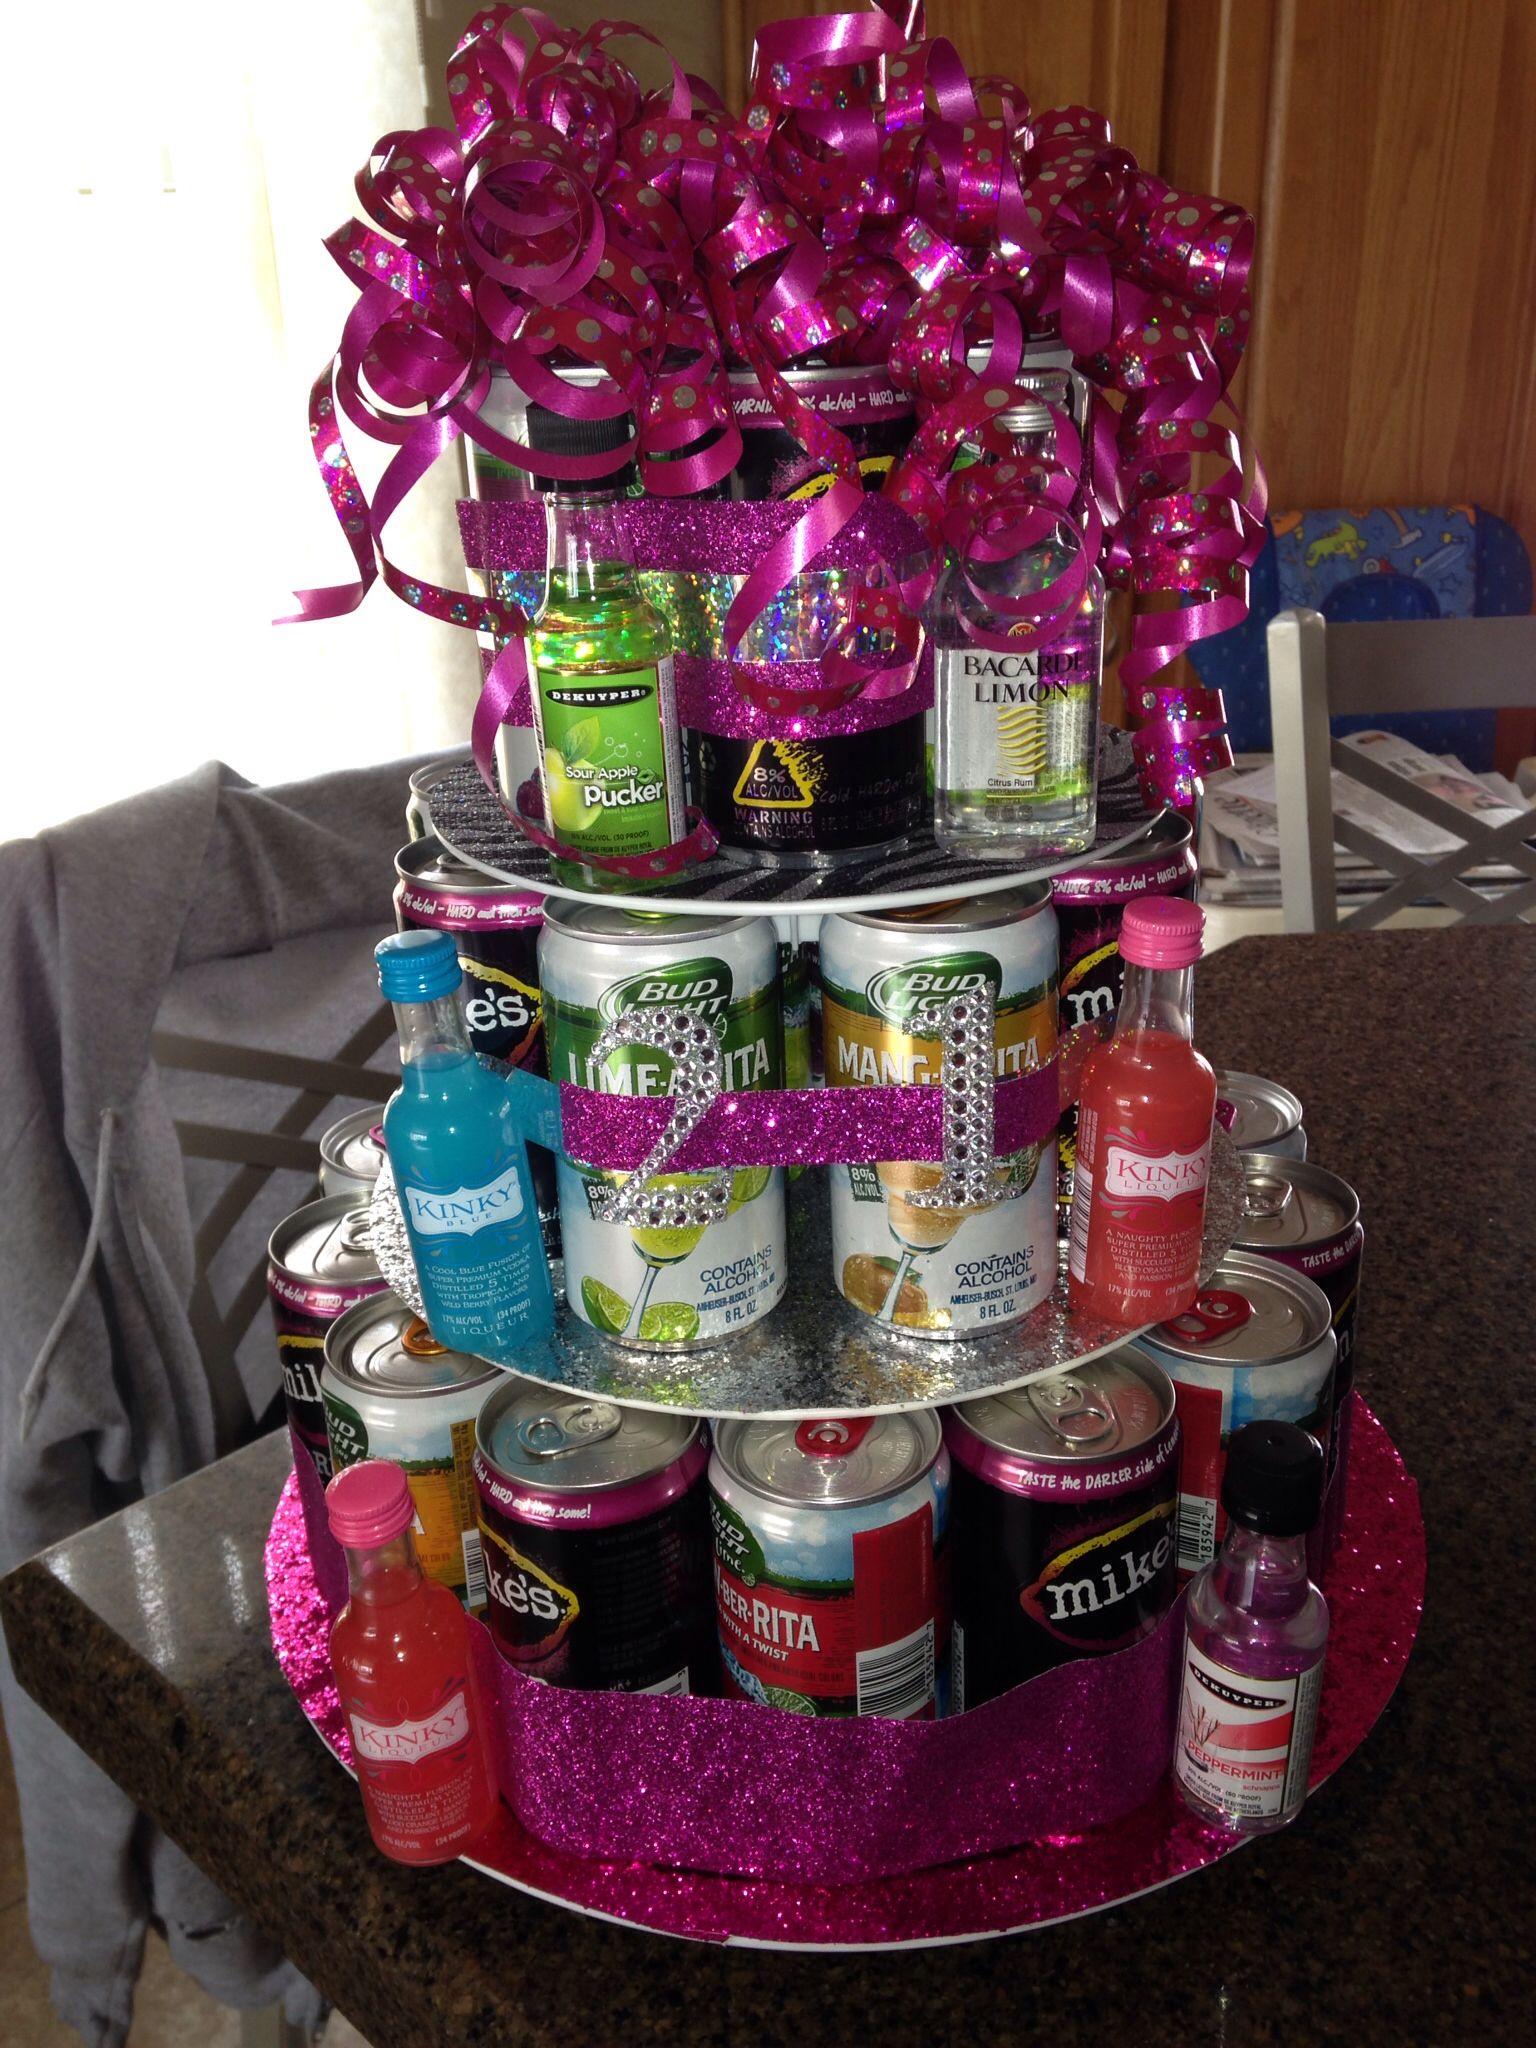 21st birthday booze cake | DIY | 21st birthday cakes, 21st ...